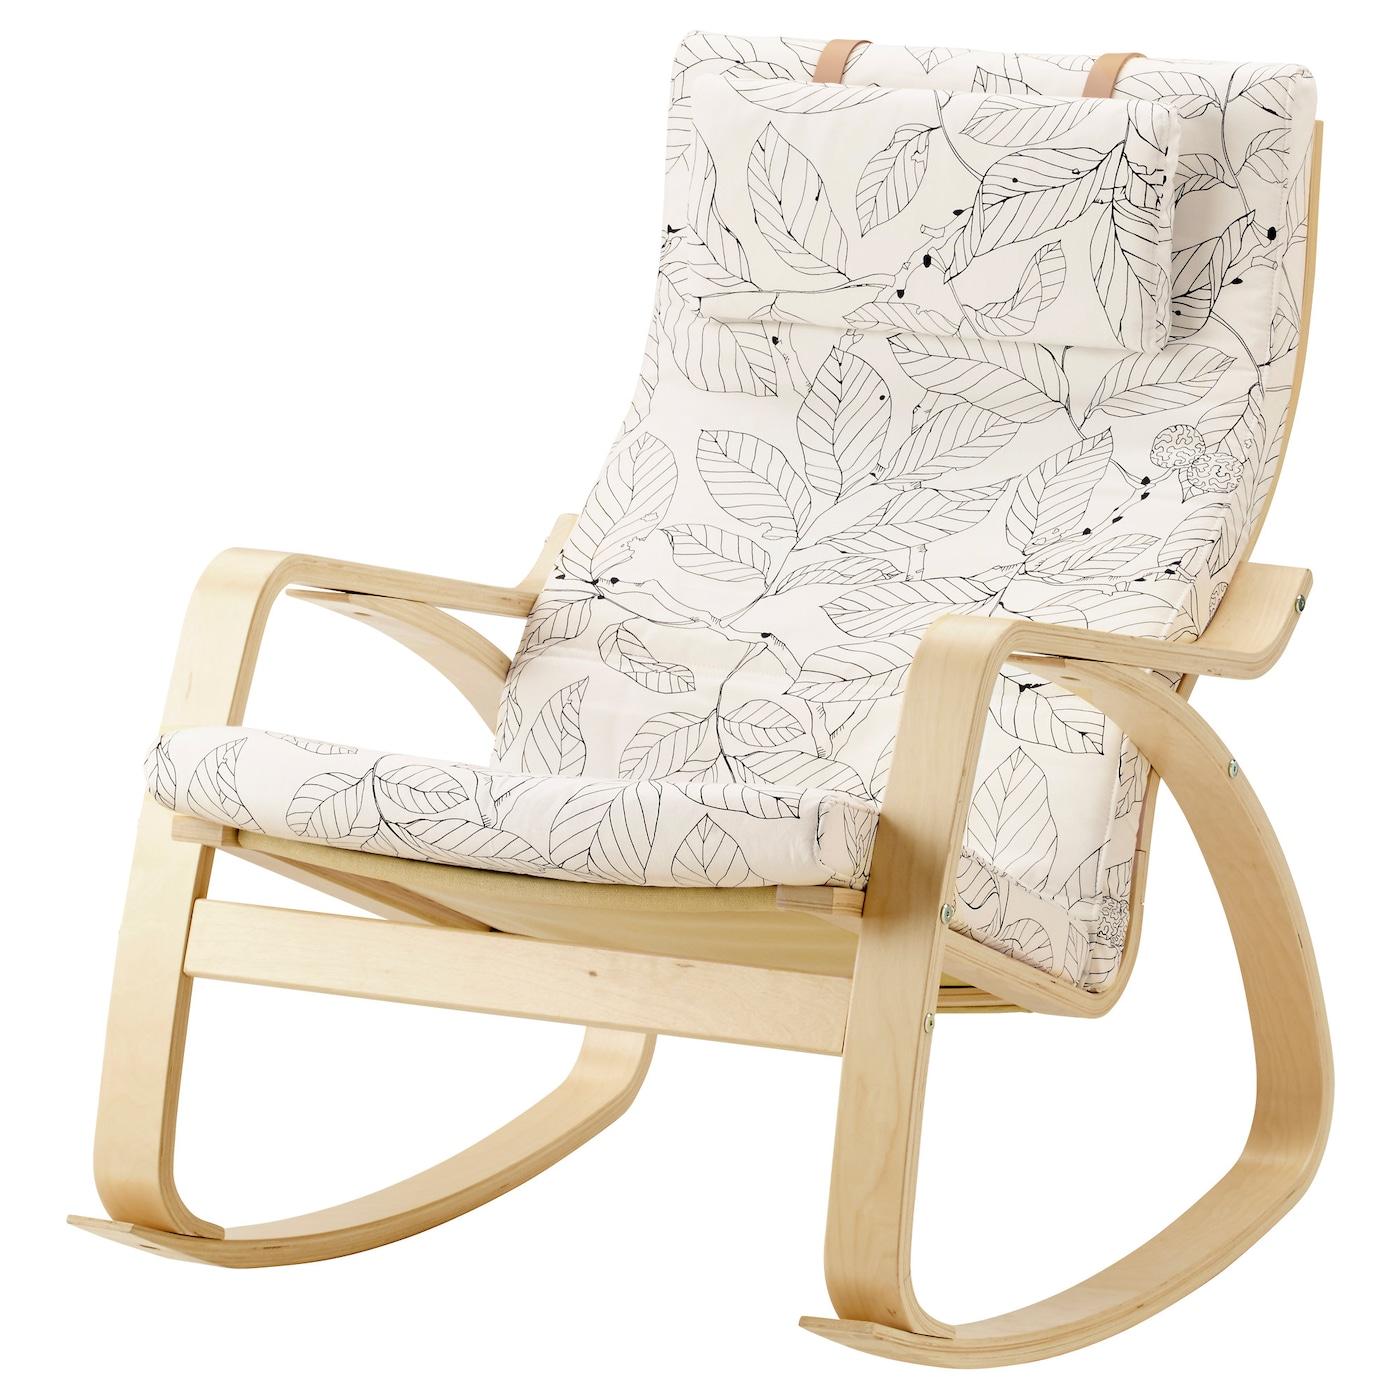 Magnificent Rocking Chair Poang Birch Veneer Vislanda Black White Unemploymentrelief Wooden Chair Designs For Living Room Unemploymentrelieforg